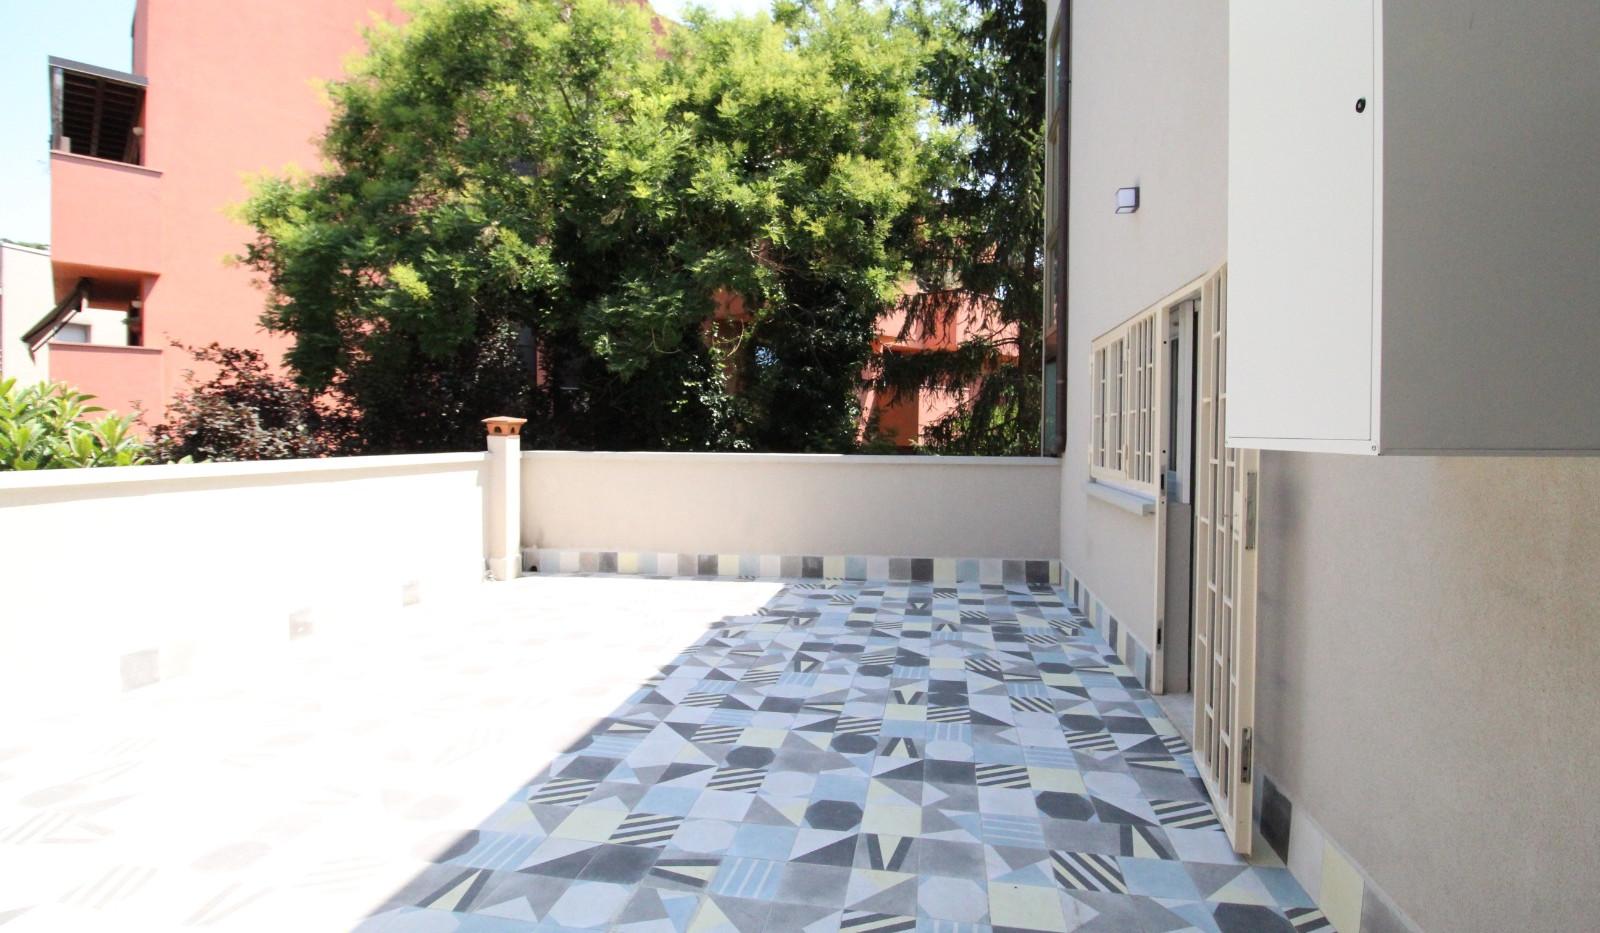 terrazza3.jpg